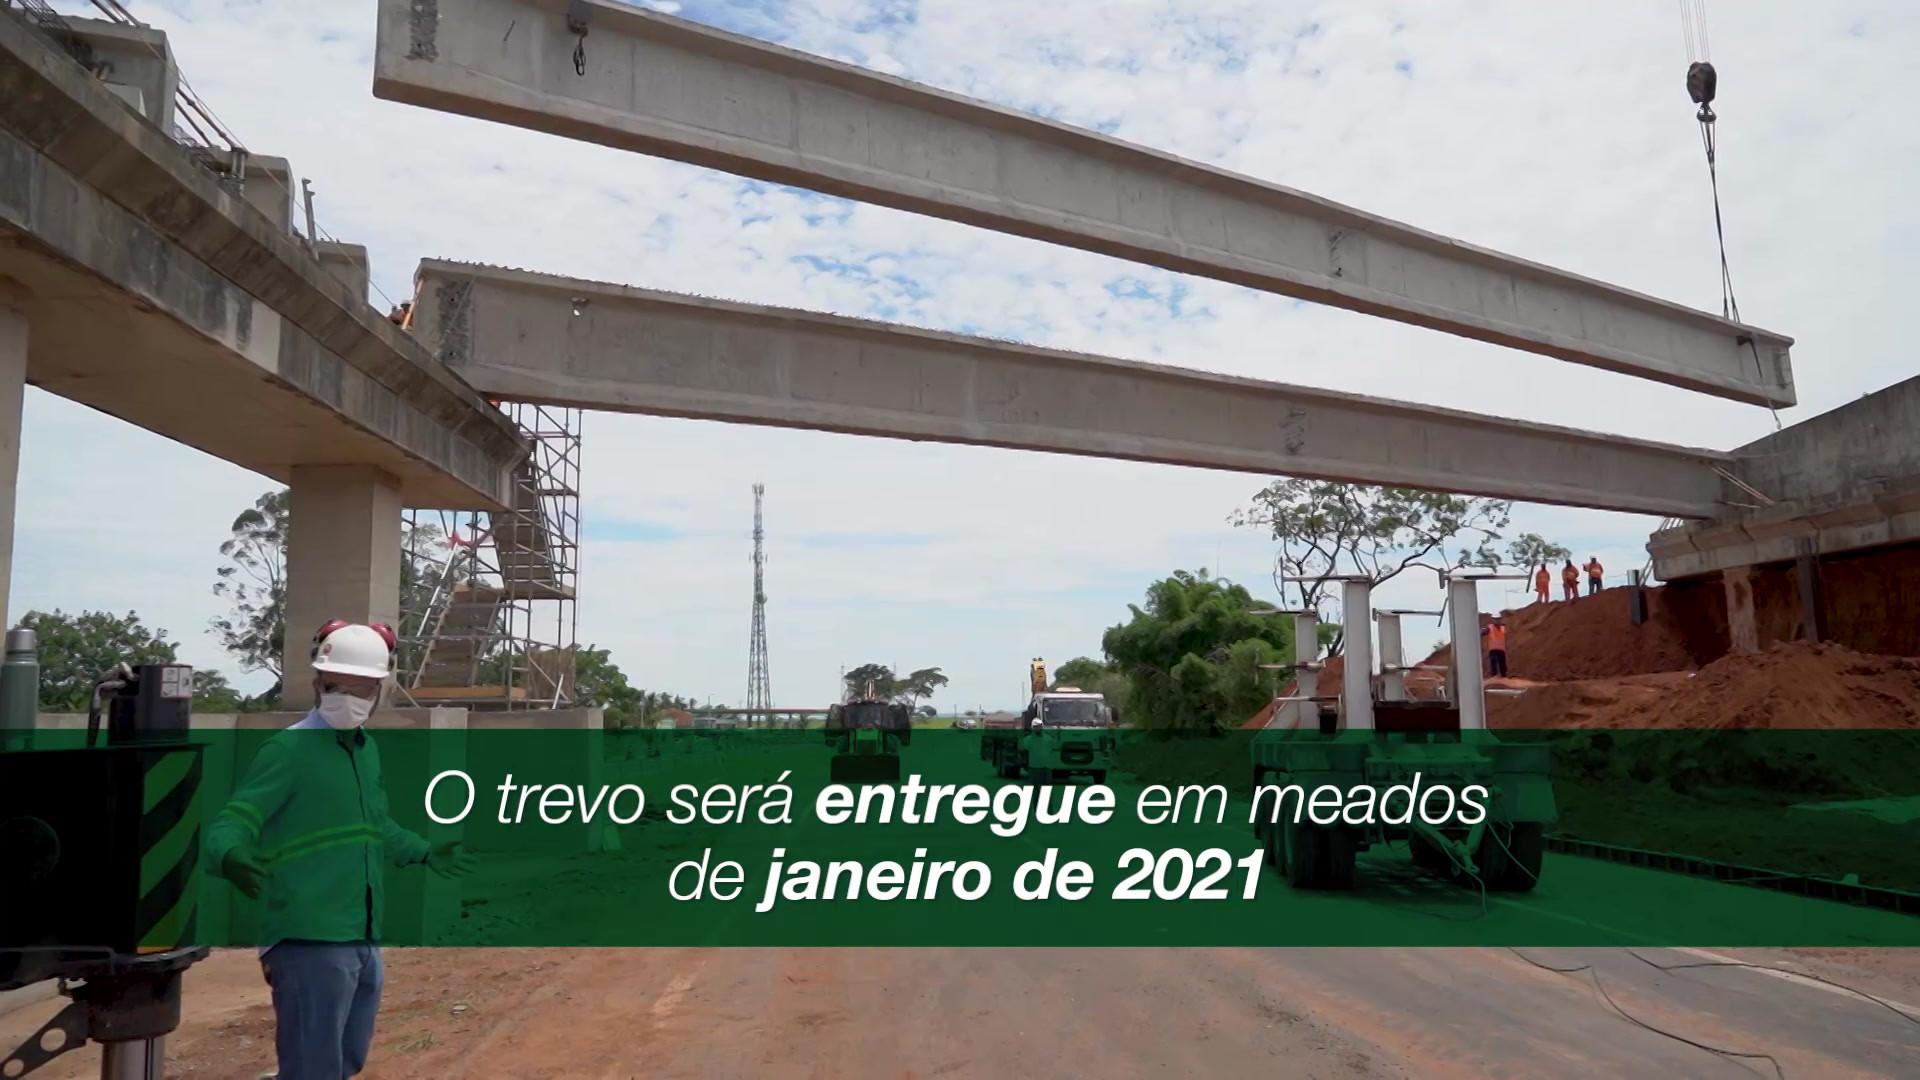 Video Resumo_youtube.mp4